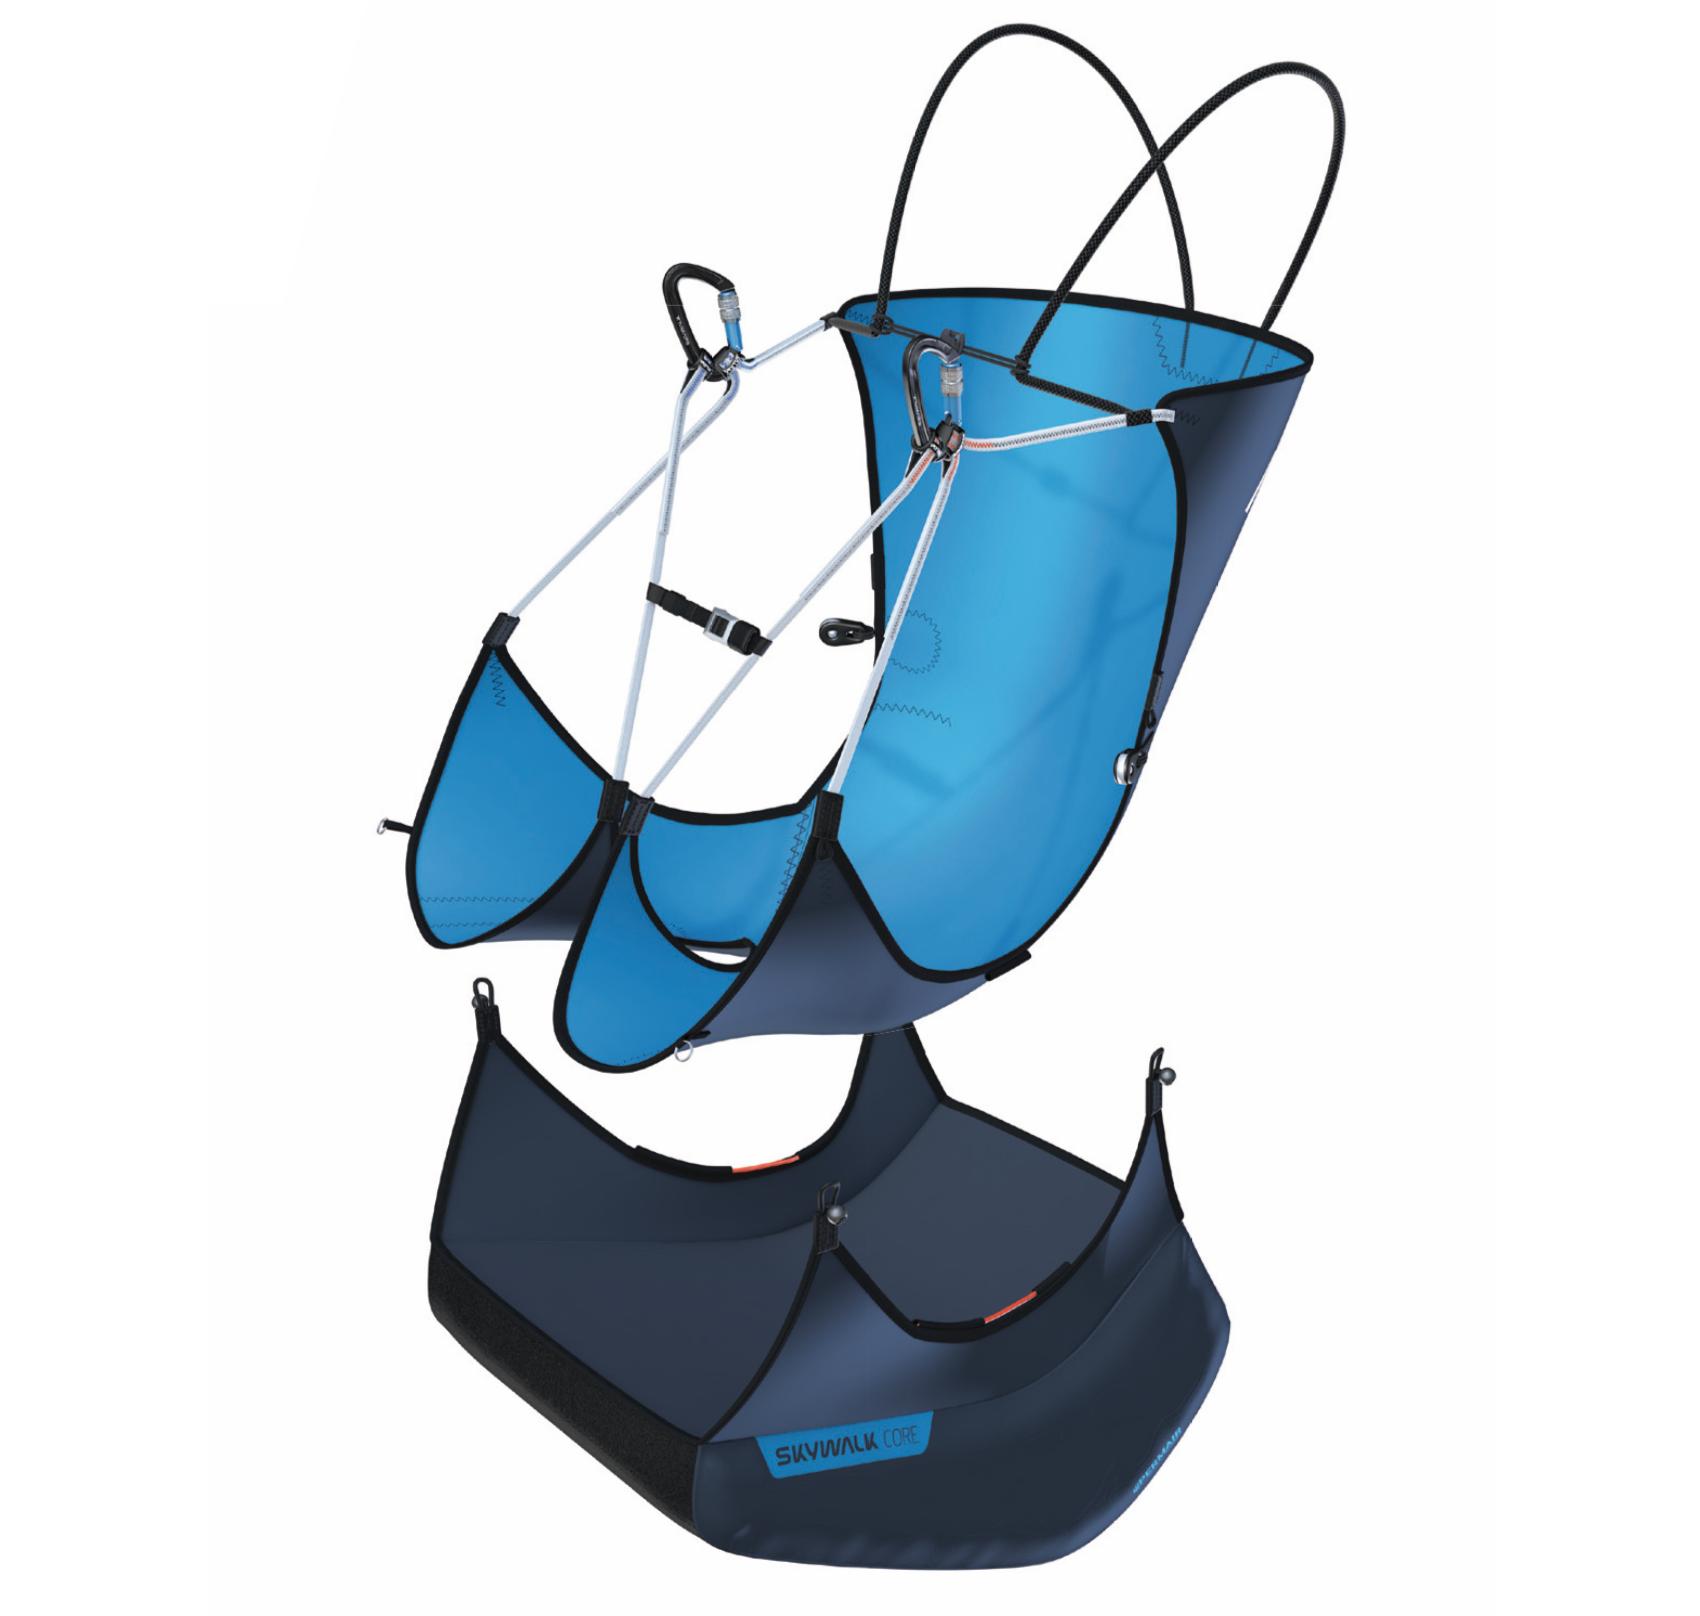 Skywalk-CORE-modular-ultralight-harness